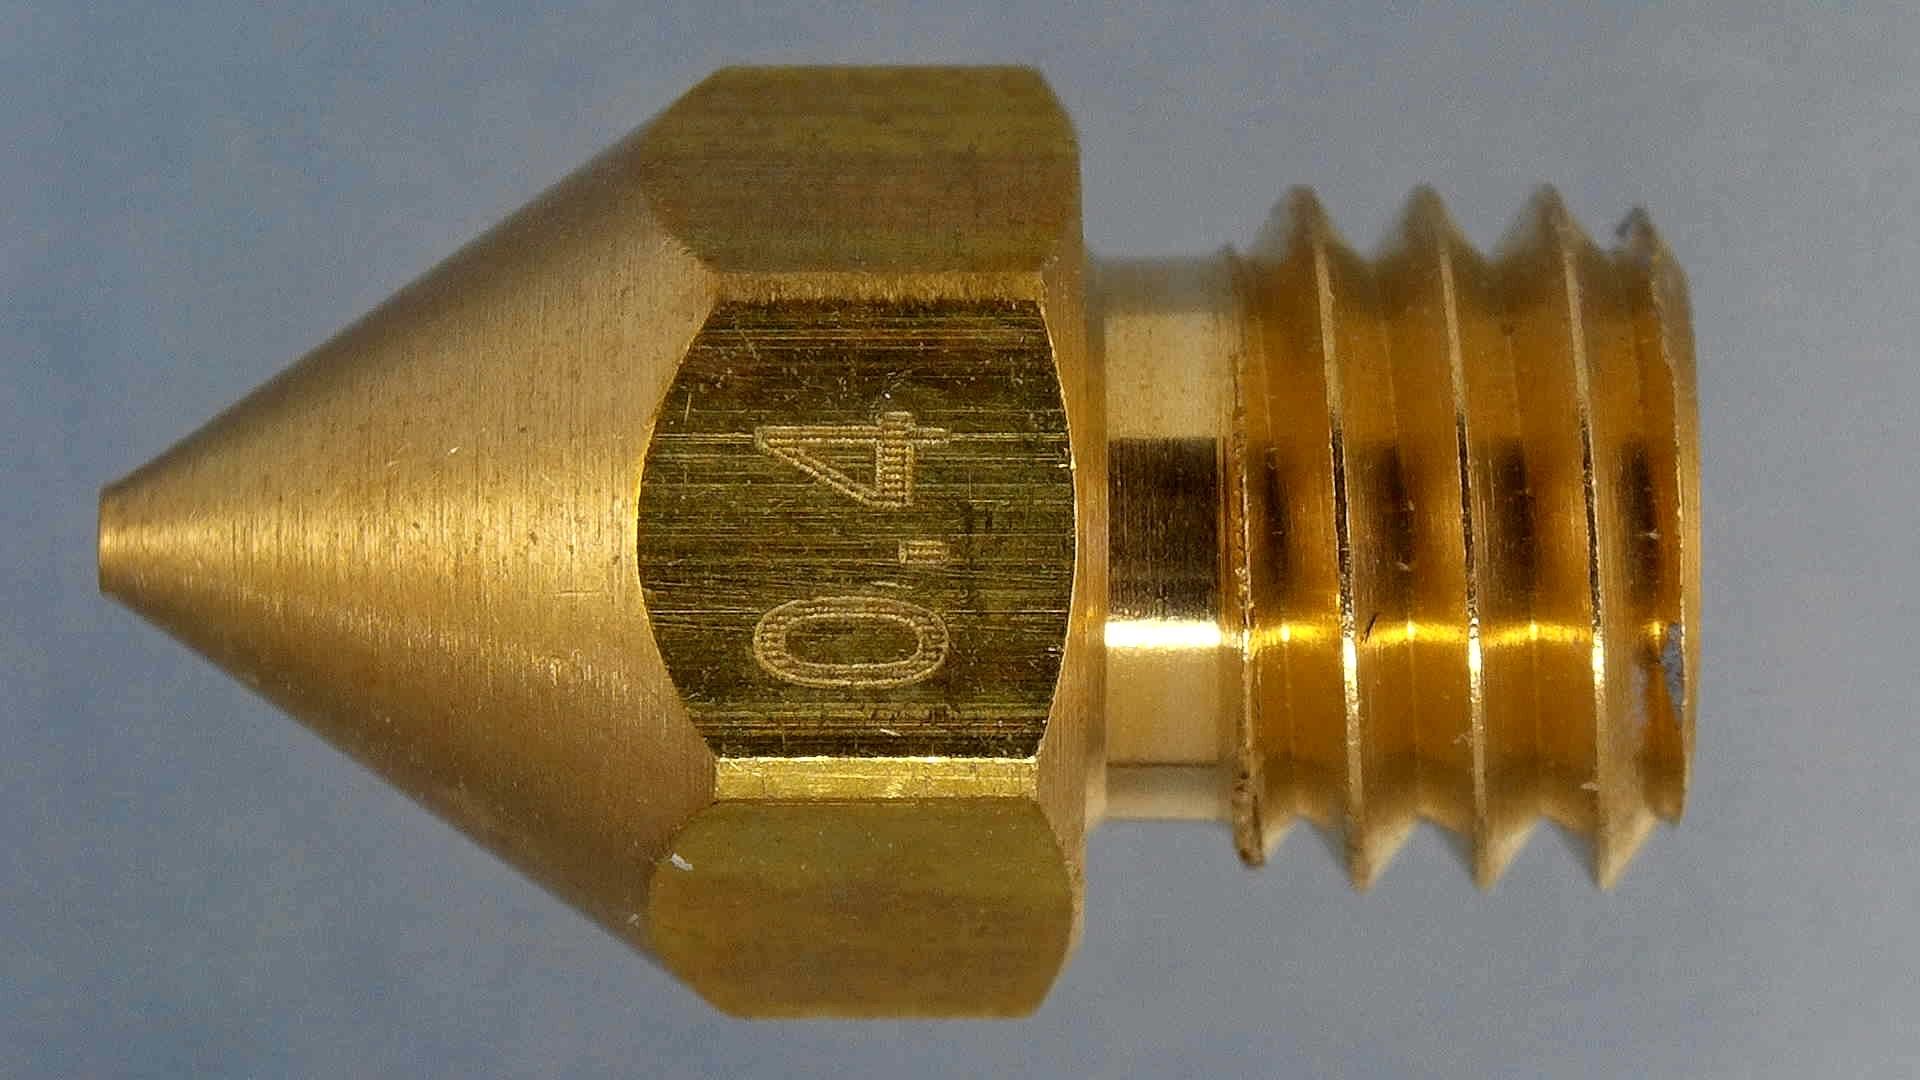 Creality-hotend-MK8-nozzle-1